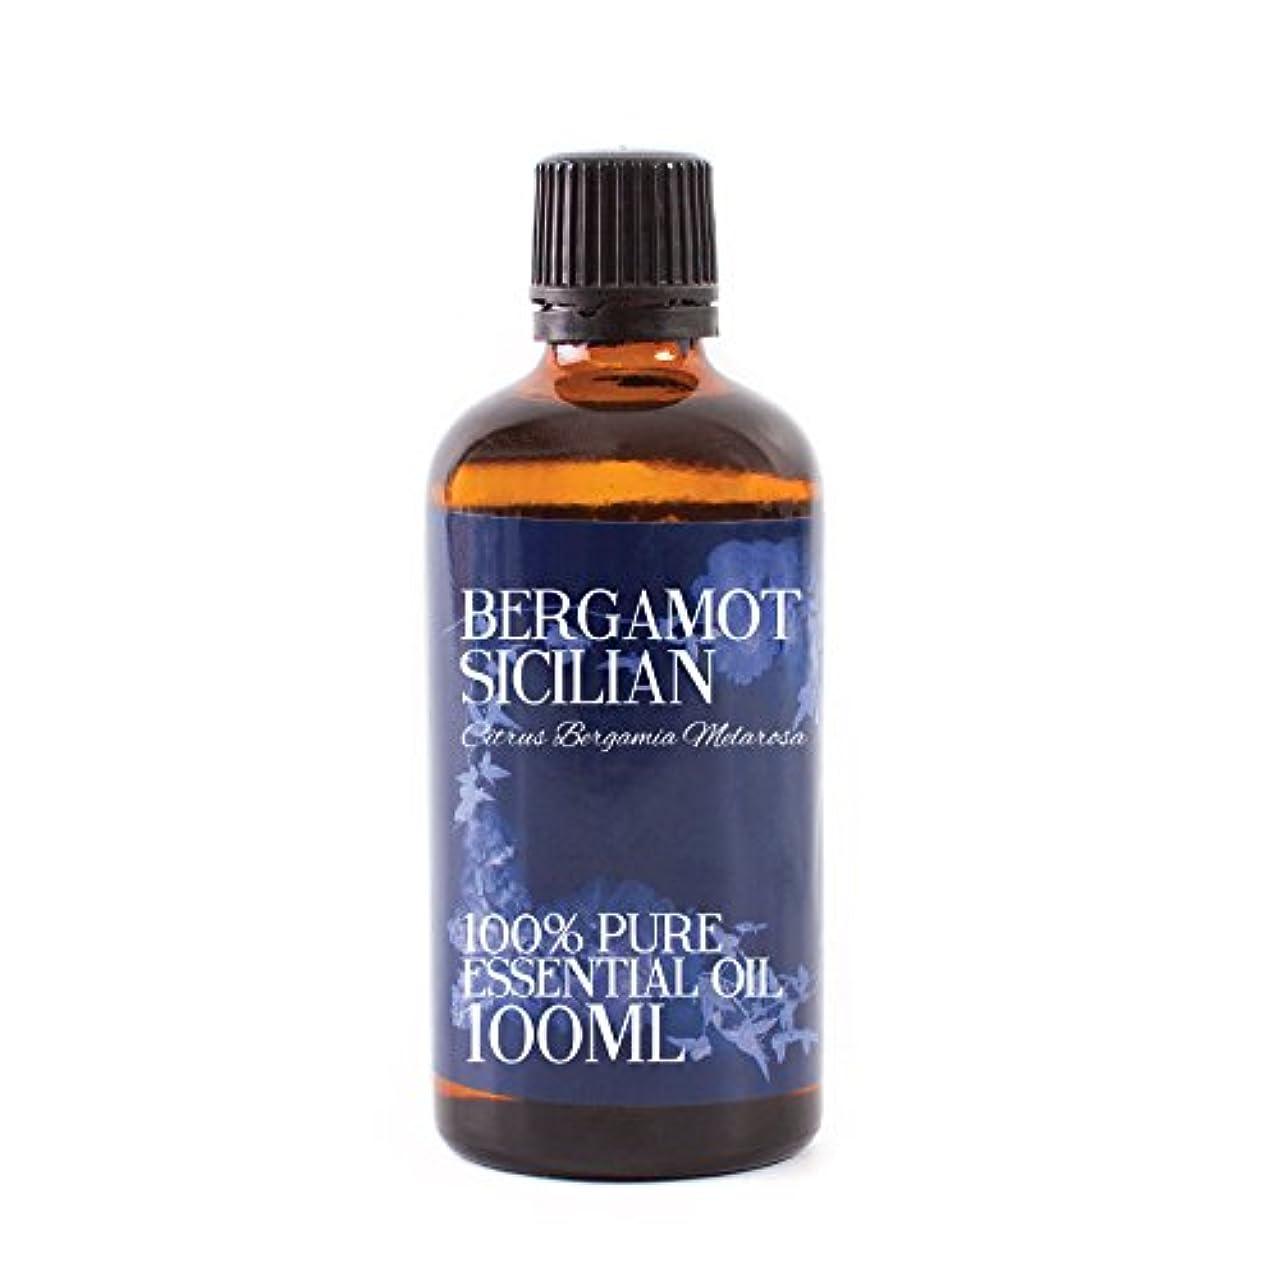 モンスターハンディキャップジェームズダイソンMystic Moments | Bergamot Sicilian Essential Oil - 100ml - 100% Pure